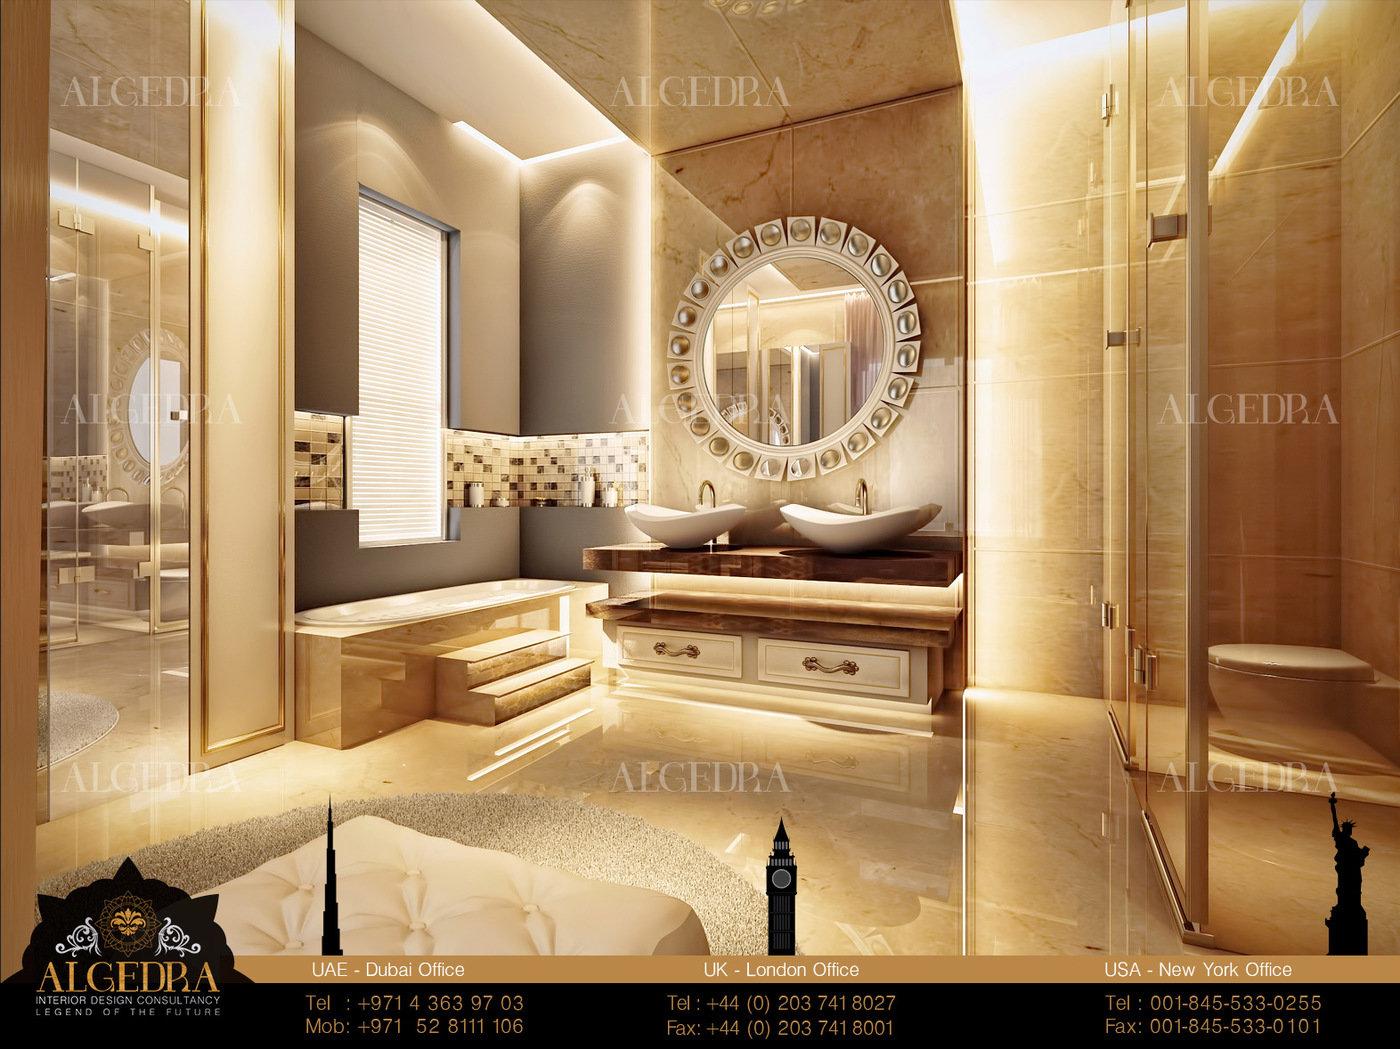 4682b6e05 الكيدرا للتصميم الداخلي - تصاميم راقية by ALGEDRA Interior Design at  Coroflot.com